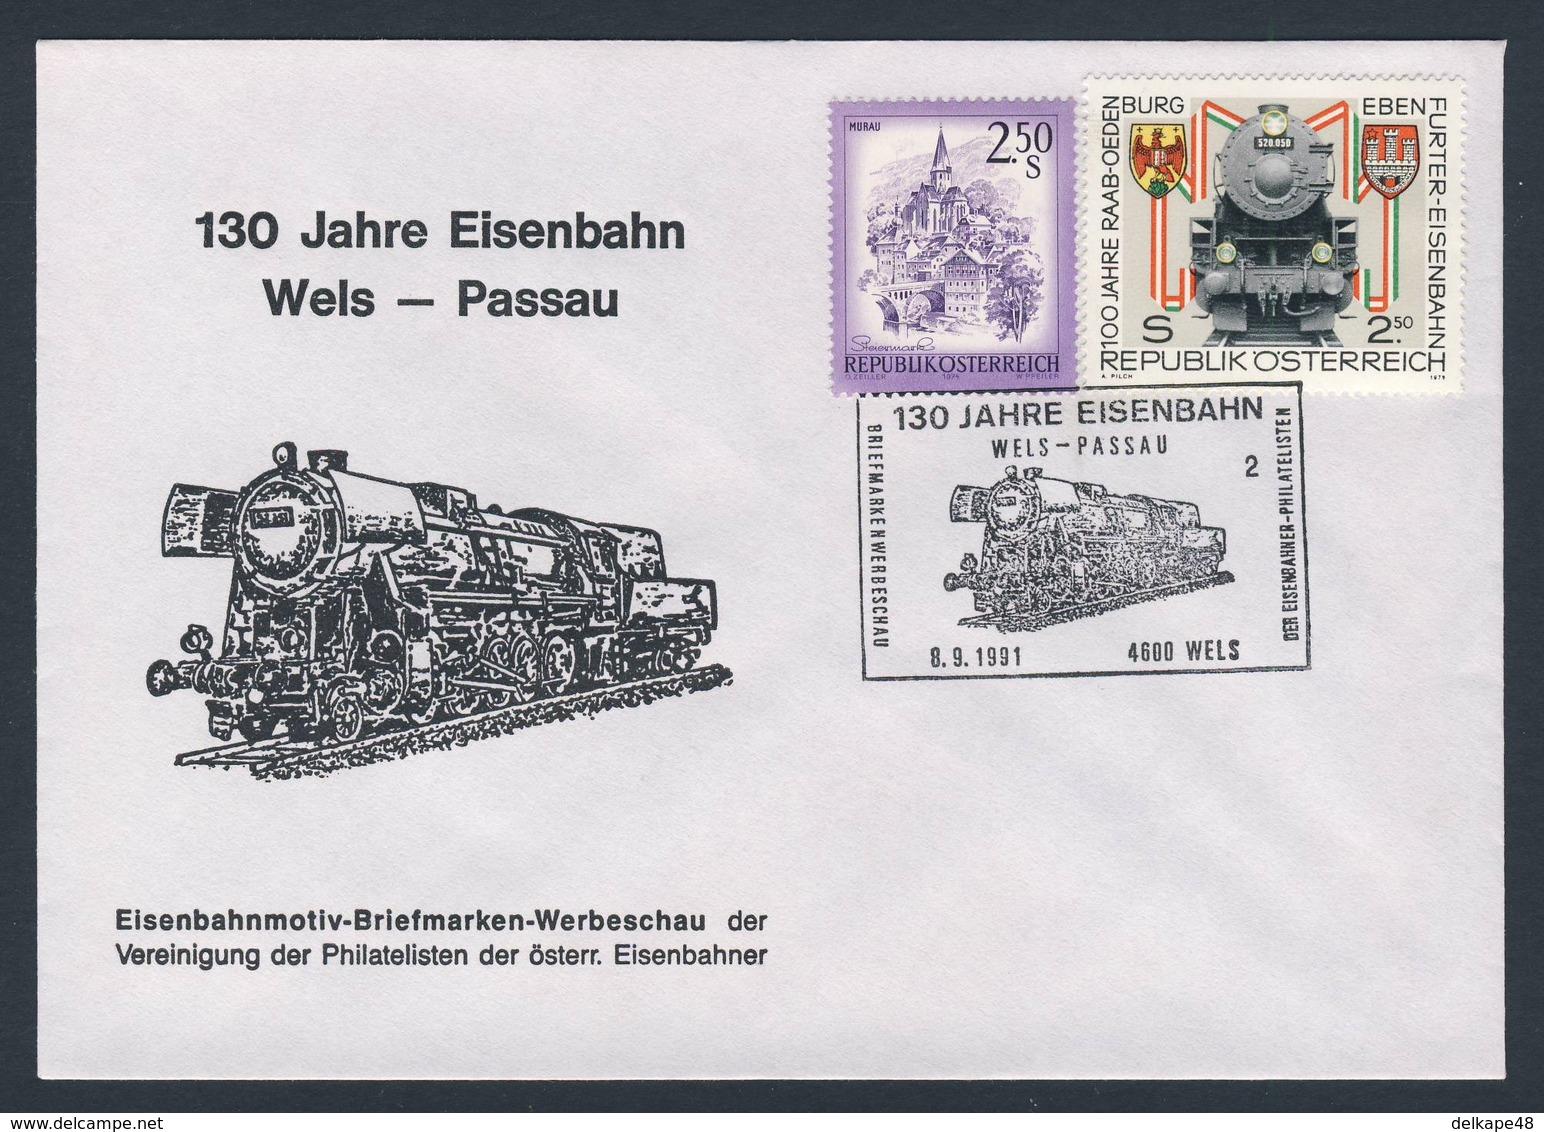 Austria Österreich 1991 Cover / Brief / Lettre - 130 Jahre Eisenbahn Wels - Passau - Briefmarken-Werbeschau - Treinen